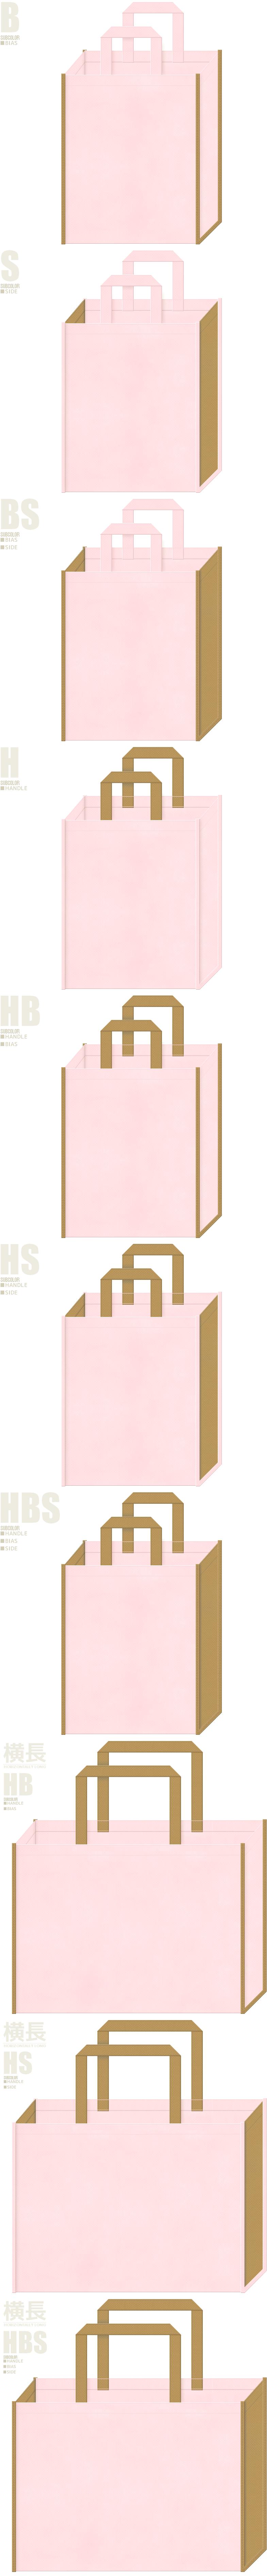 ペットショップ・ペットサロン・ペット用品・ペットフード・アニマルケア・絵本・おとぎ話・子鹿・子犬・ガーリーデザインにお奨めの不織布バッグデザイン:桜色と金黄土色の配色7パターン。